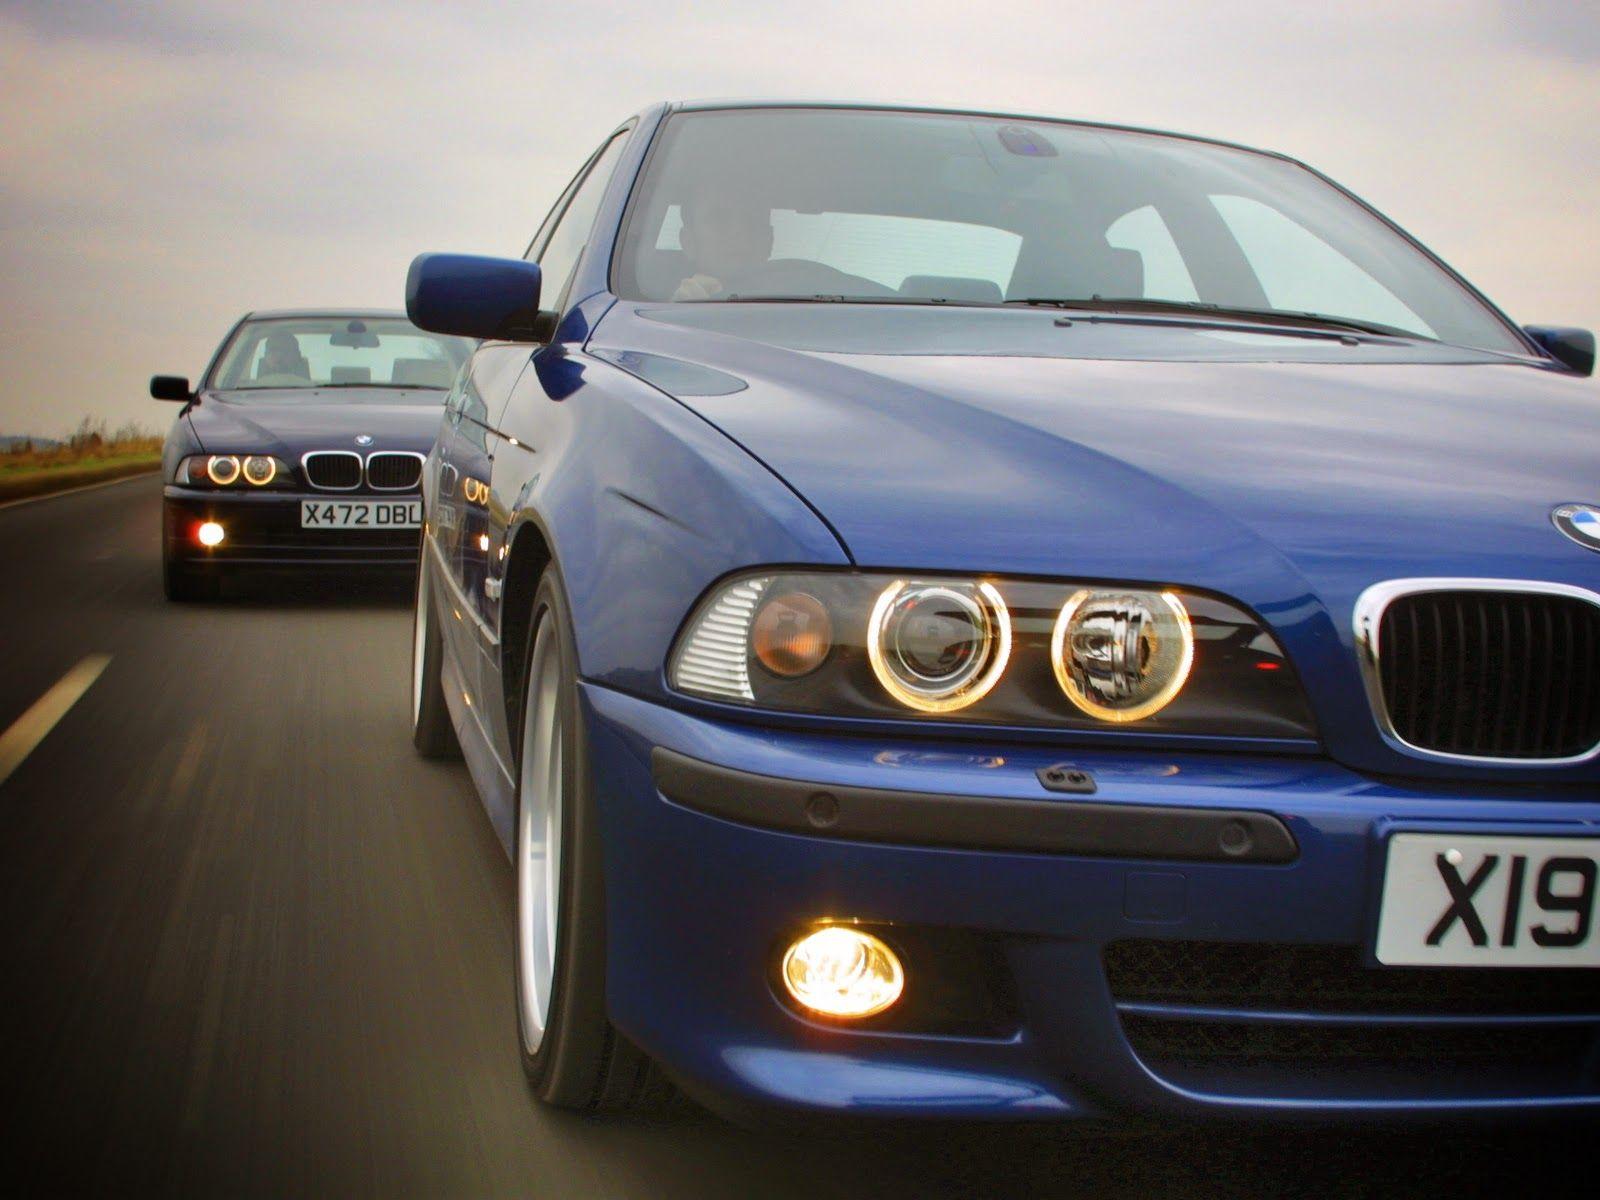 BMW 5 Series head to head Bmw, Bmw e39, Bmw wheels